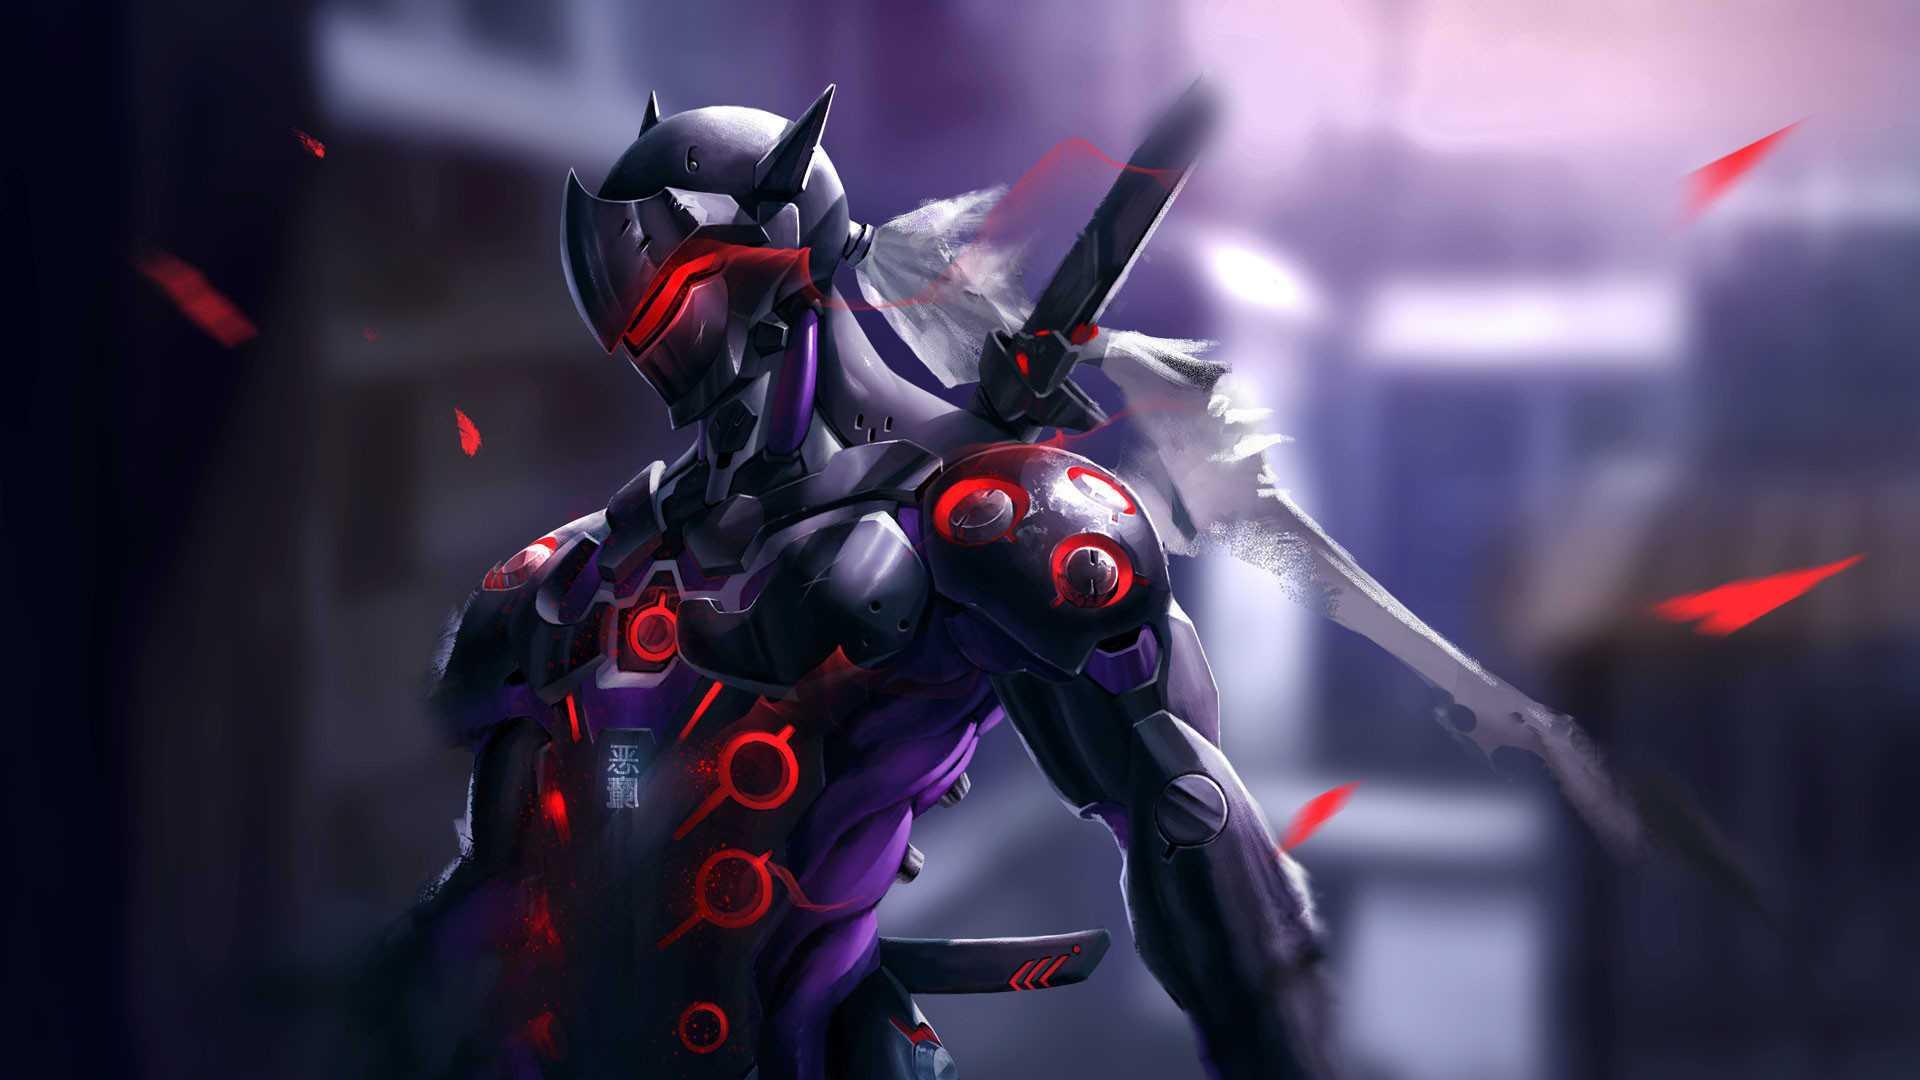 Best Overwatch Genji 4k Background